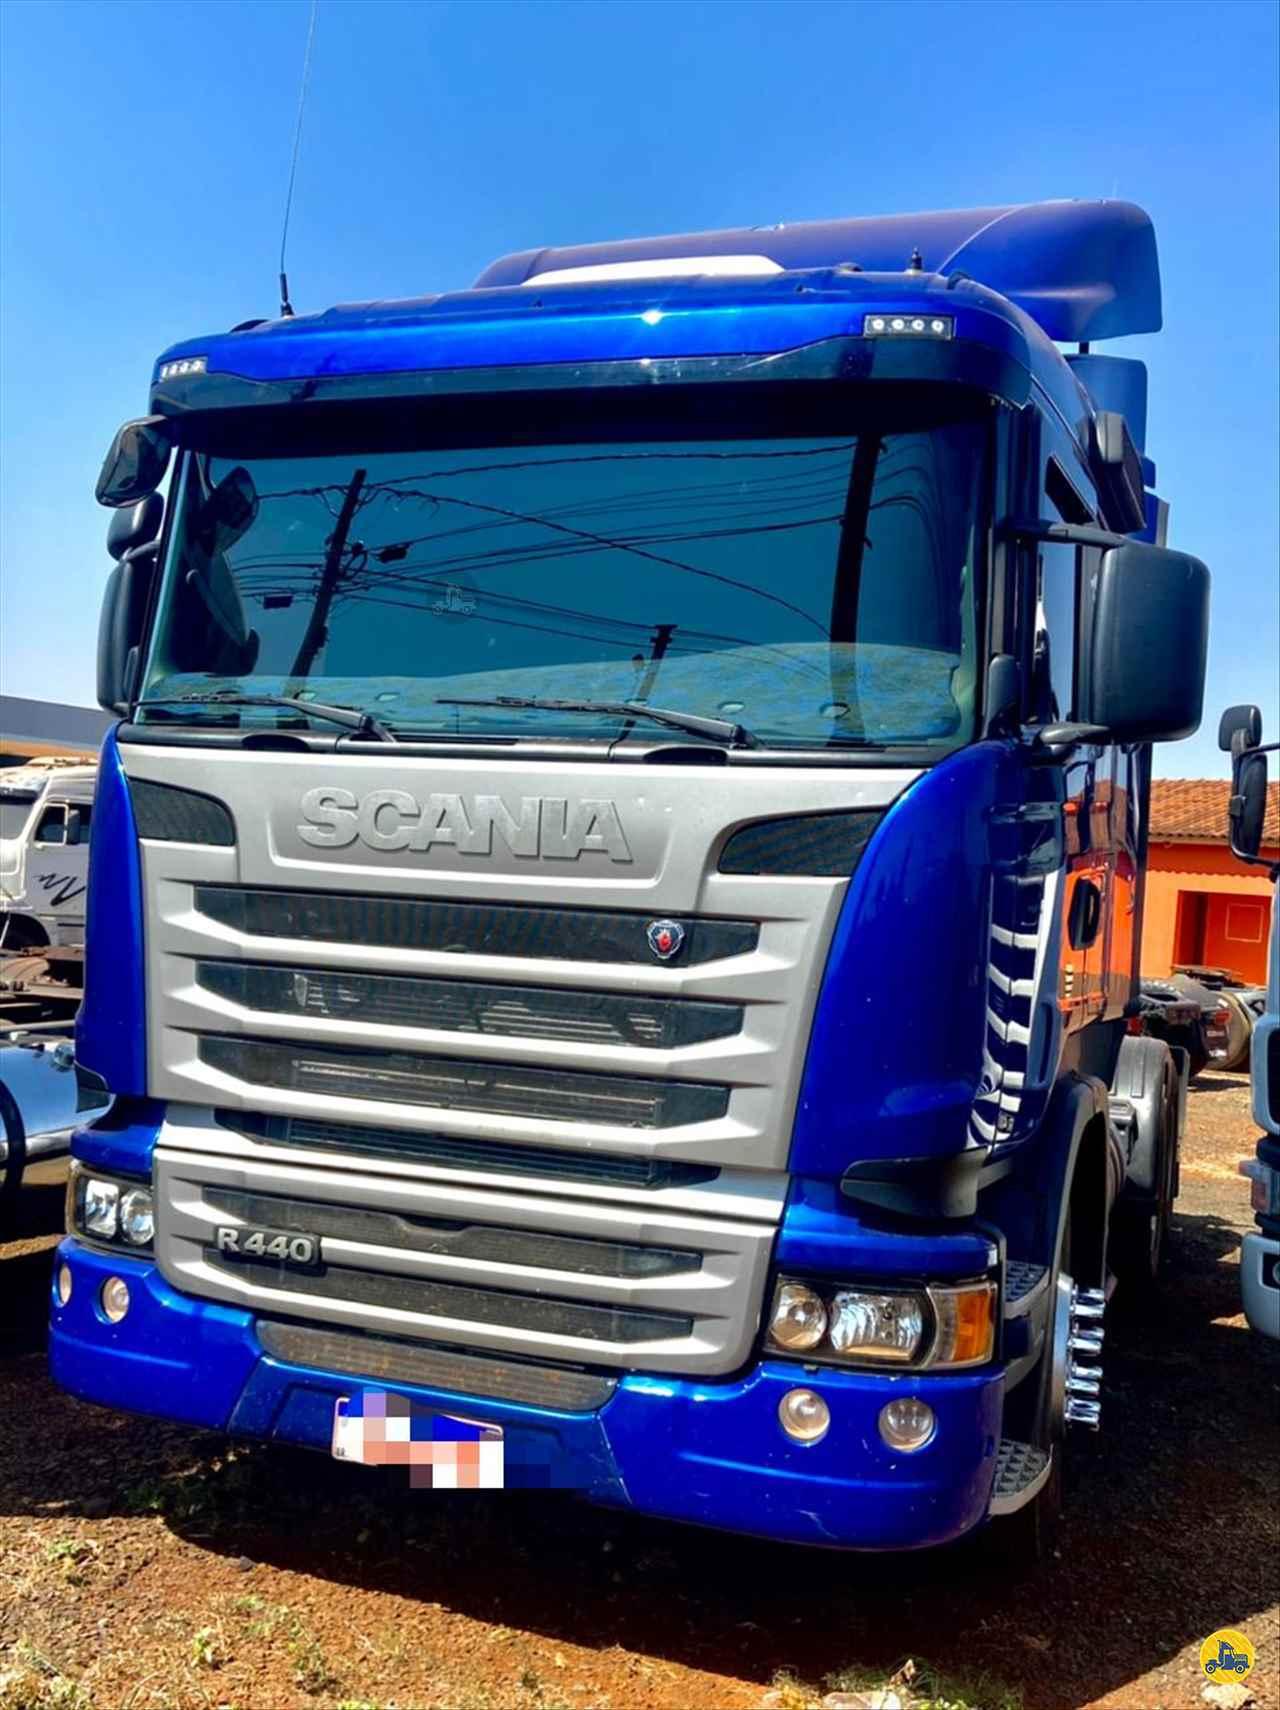 CAMINHAO SCANIA SCANIA 440 Chassis Truck 6x2 Barbosa Caminhões - Metalesp RIO VERDE GOIAS GO